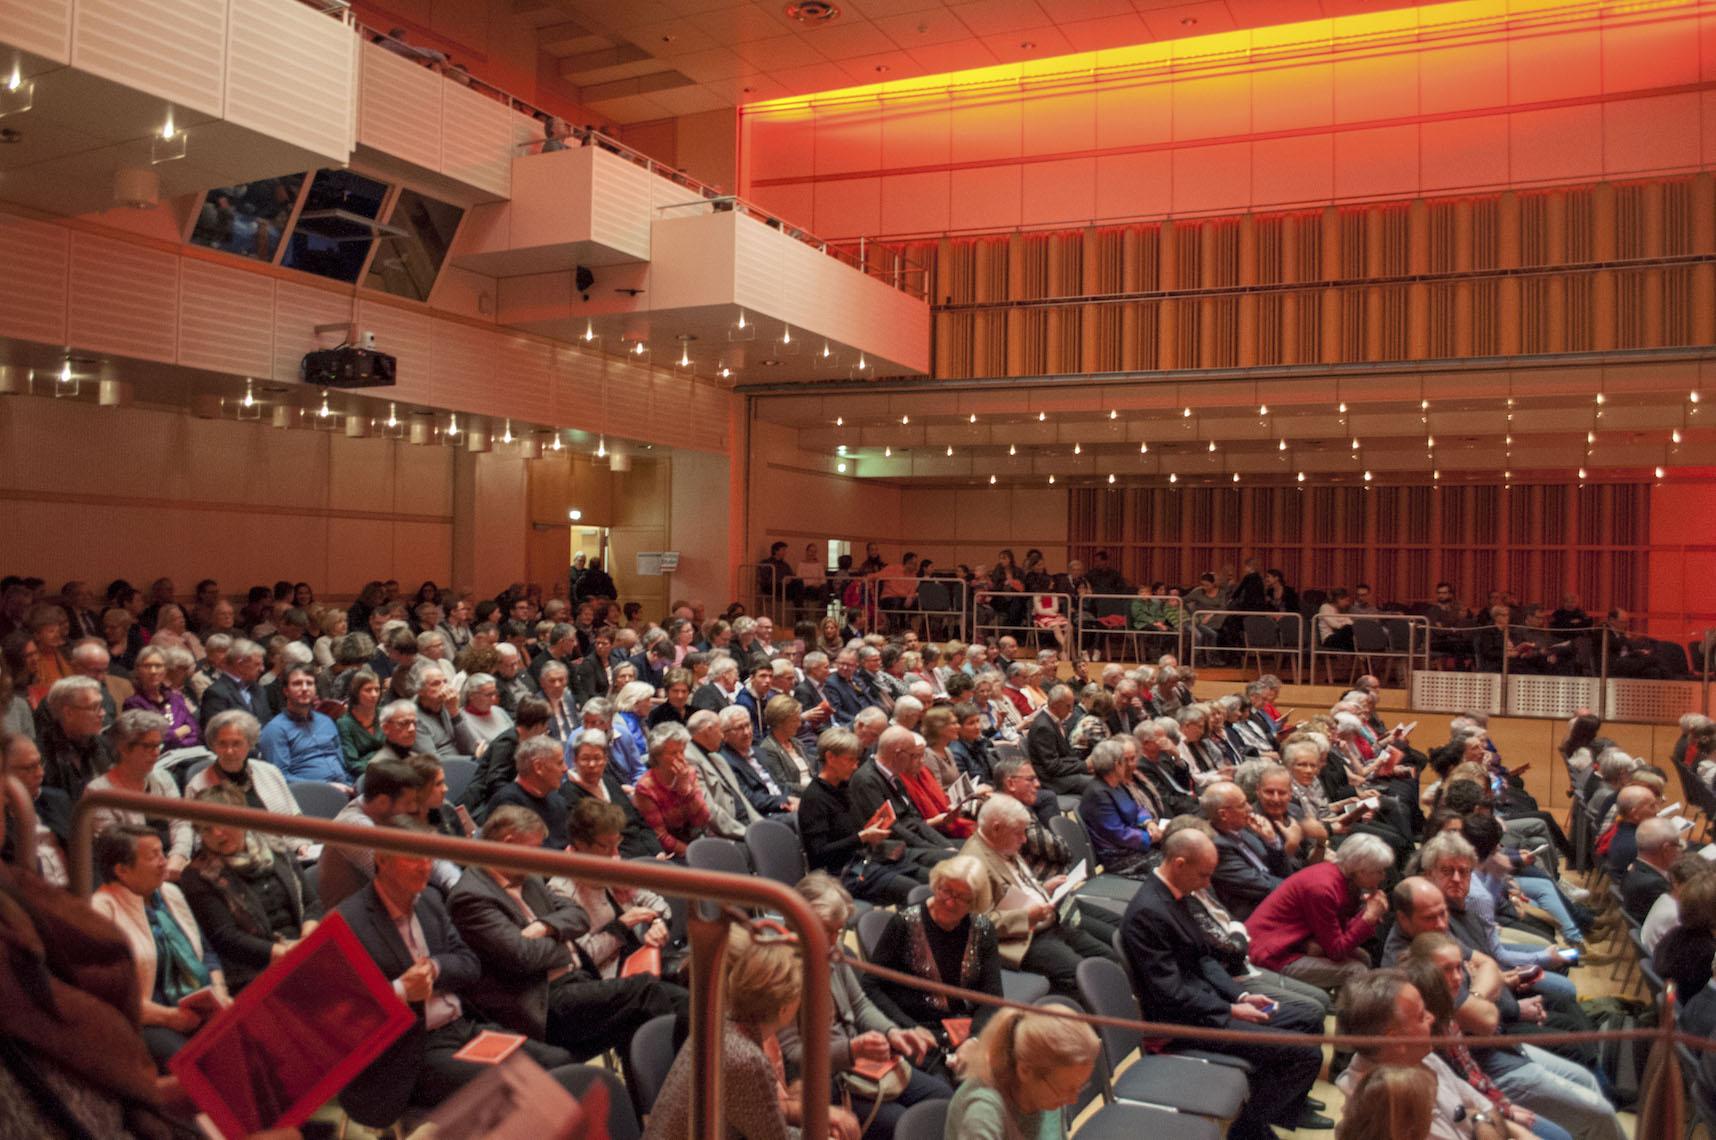 Bumsvoll: Lorzensaal in Cham.